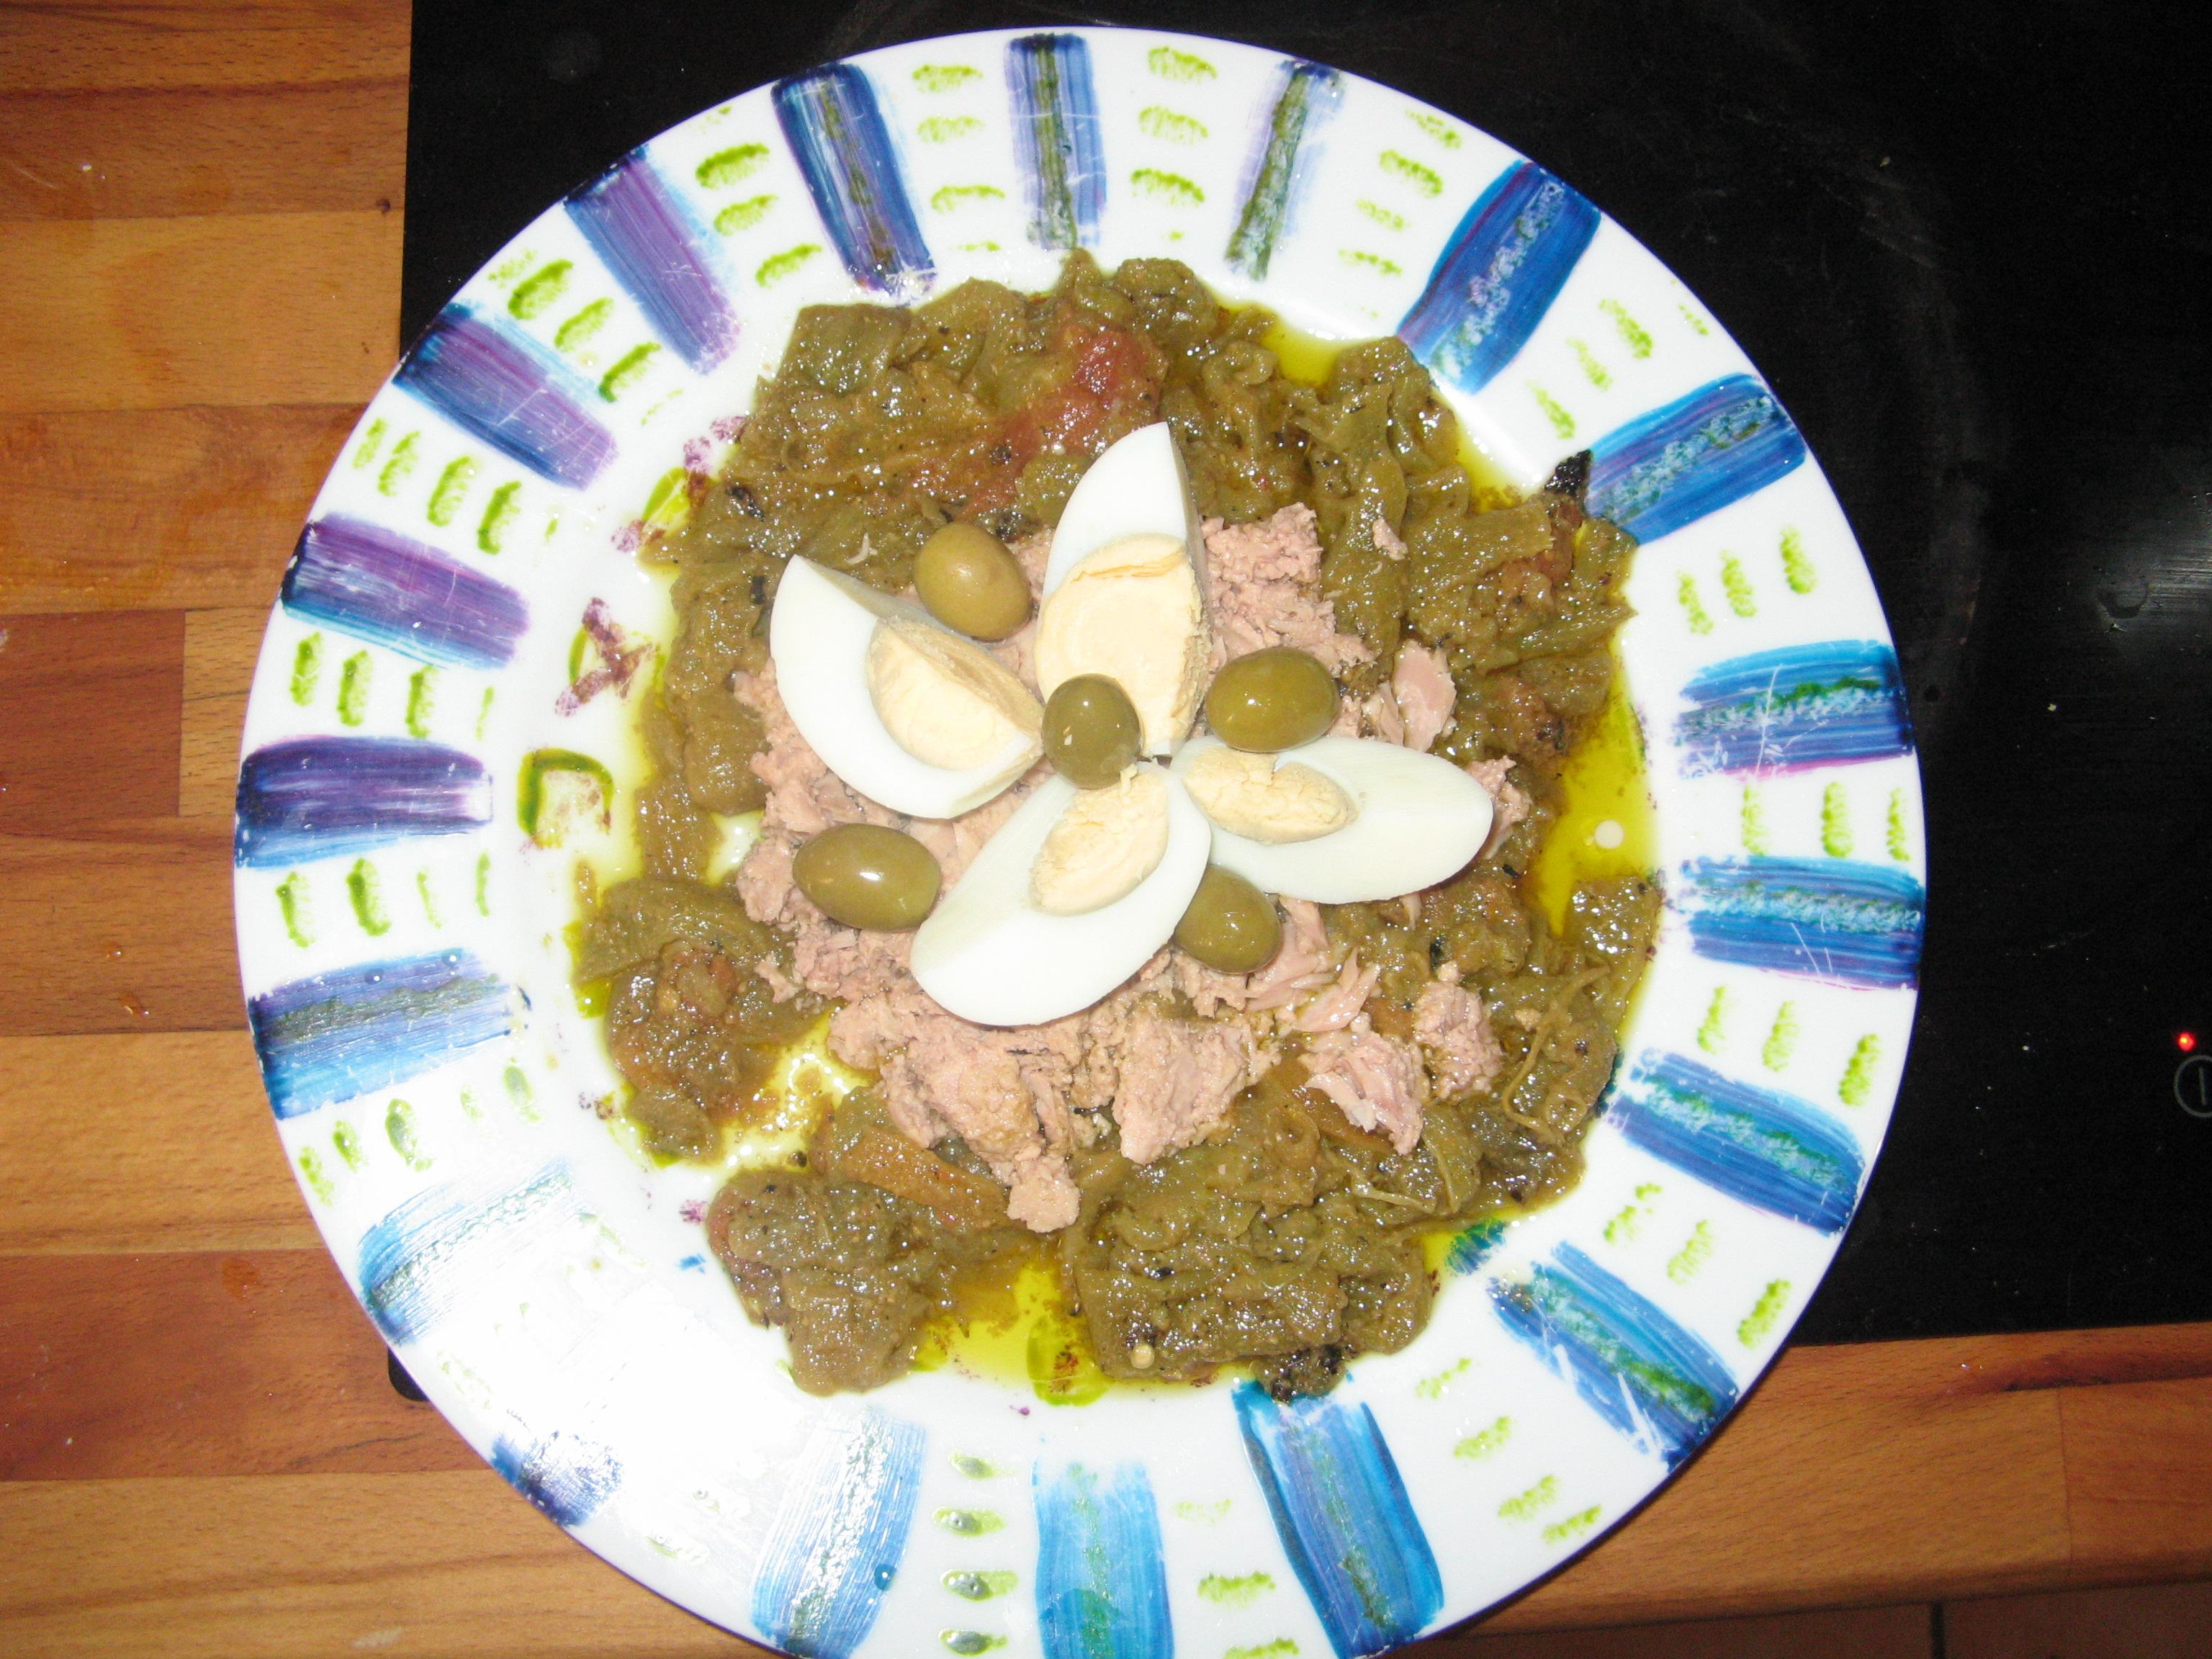 La salade méchouia, mon péché mignon